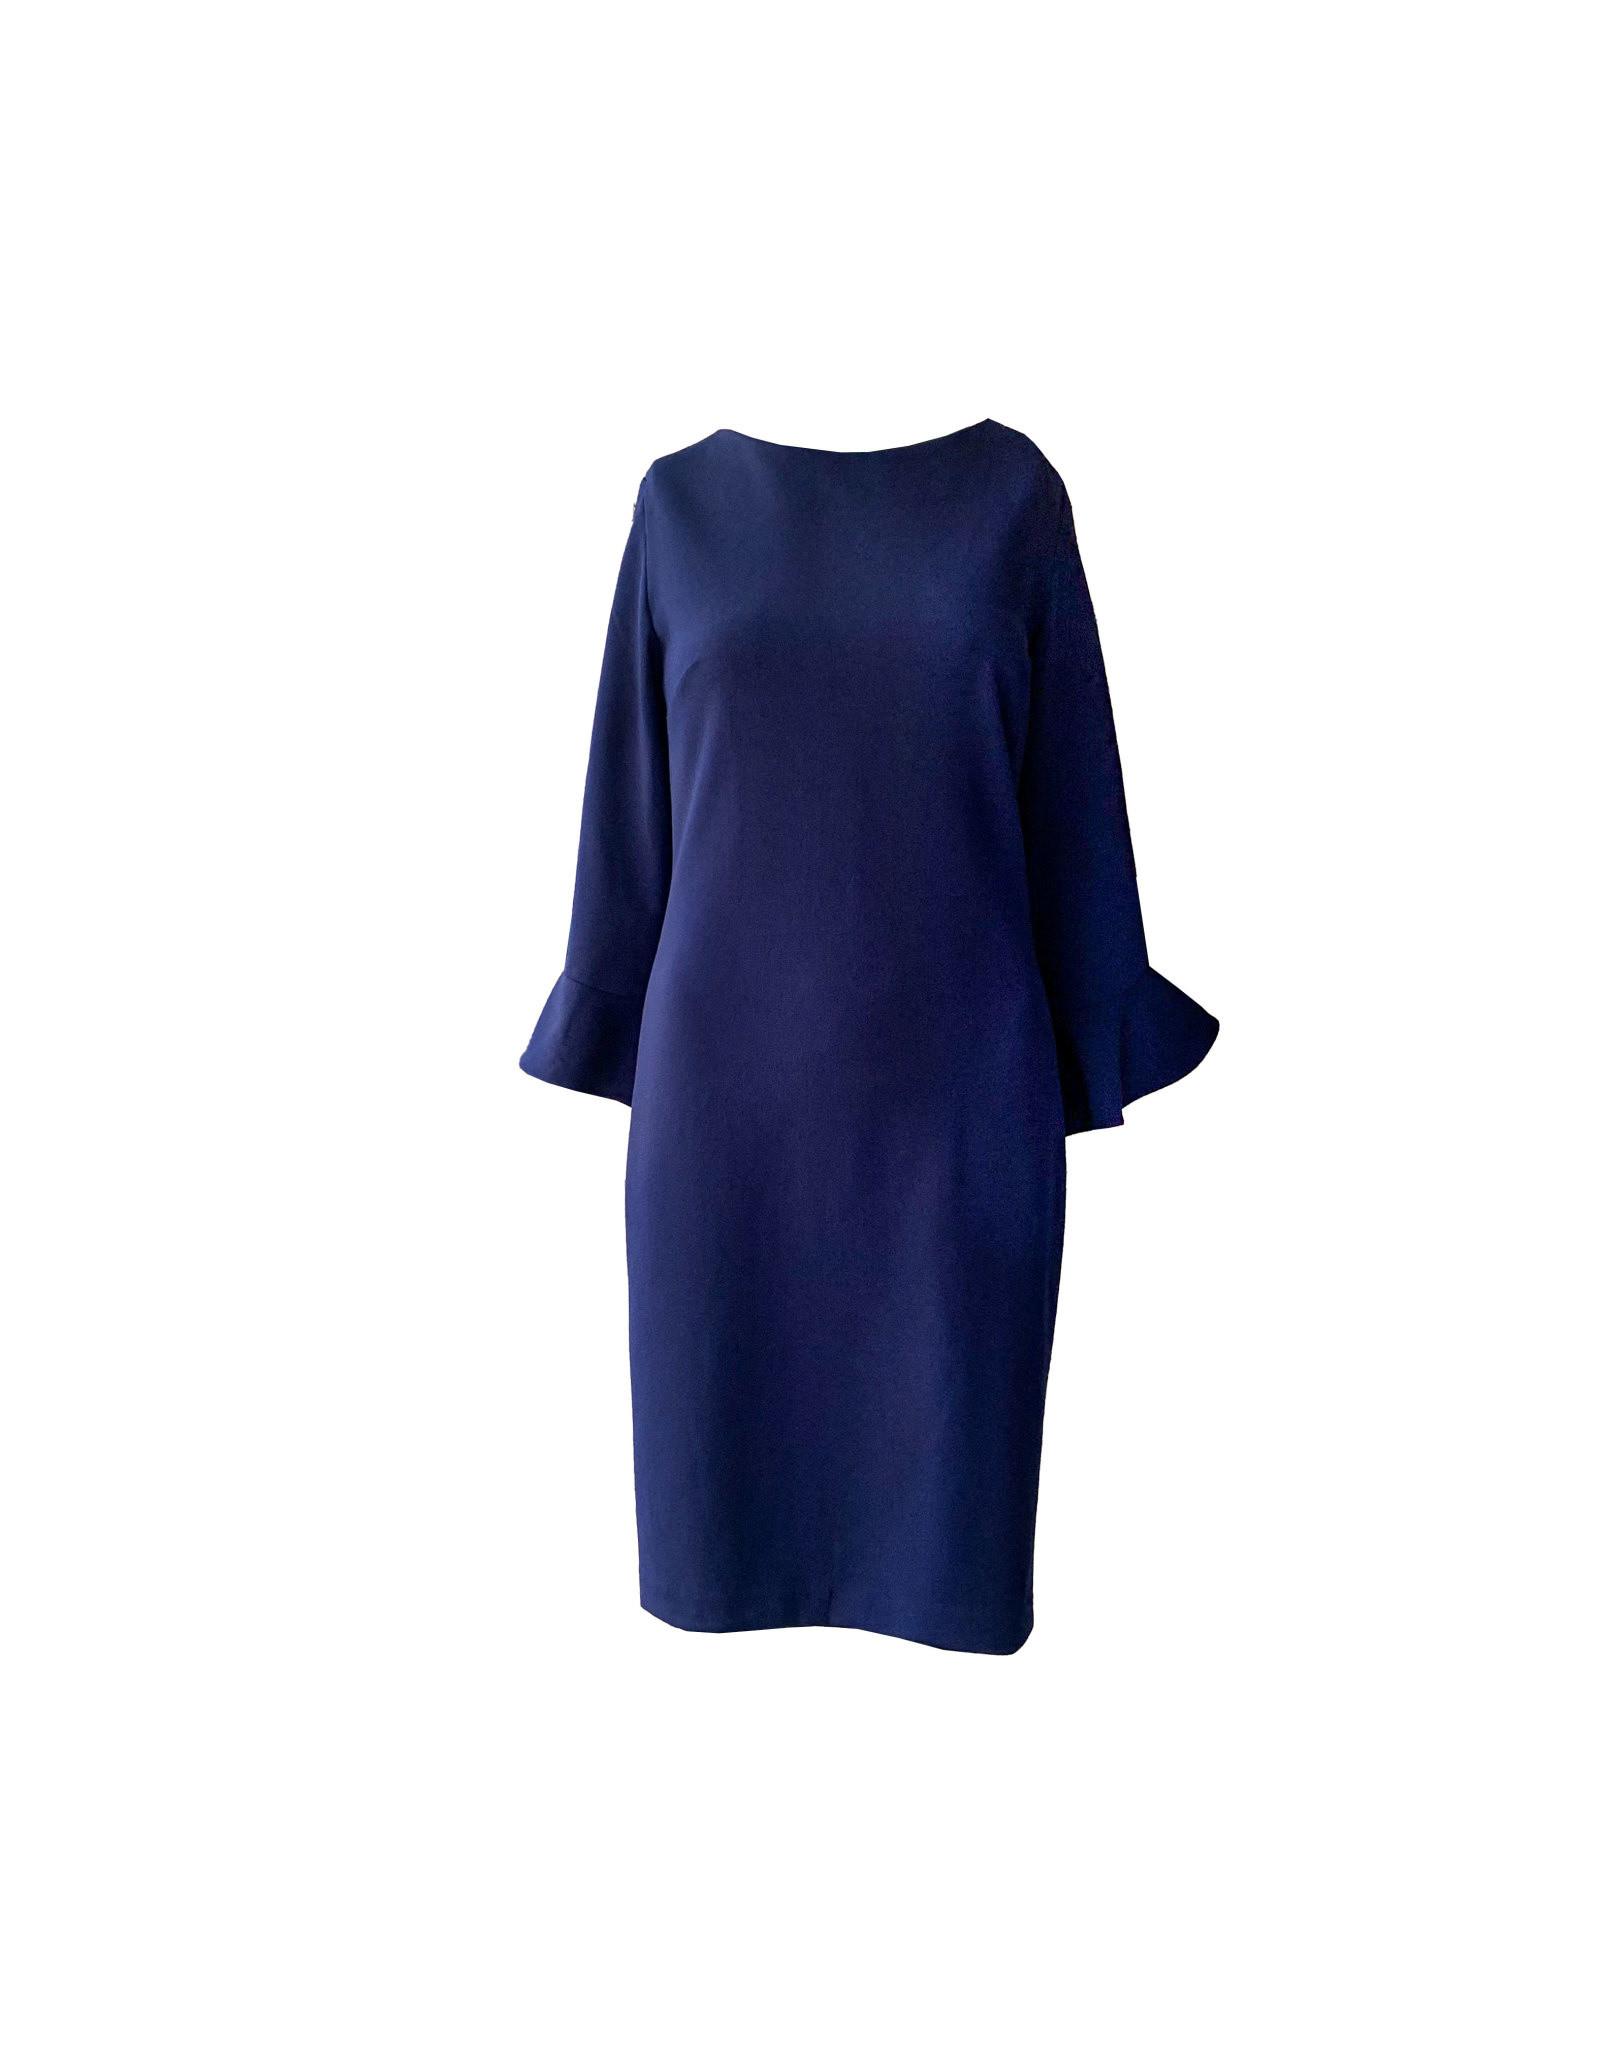 KARL LAGERFELD KARL LAGERFELD Tulip Bell Sleeve Crepe Dress